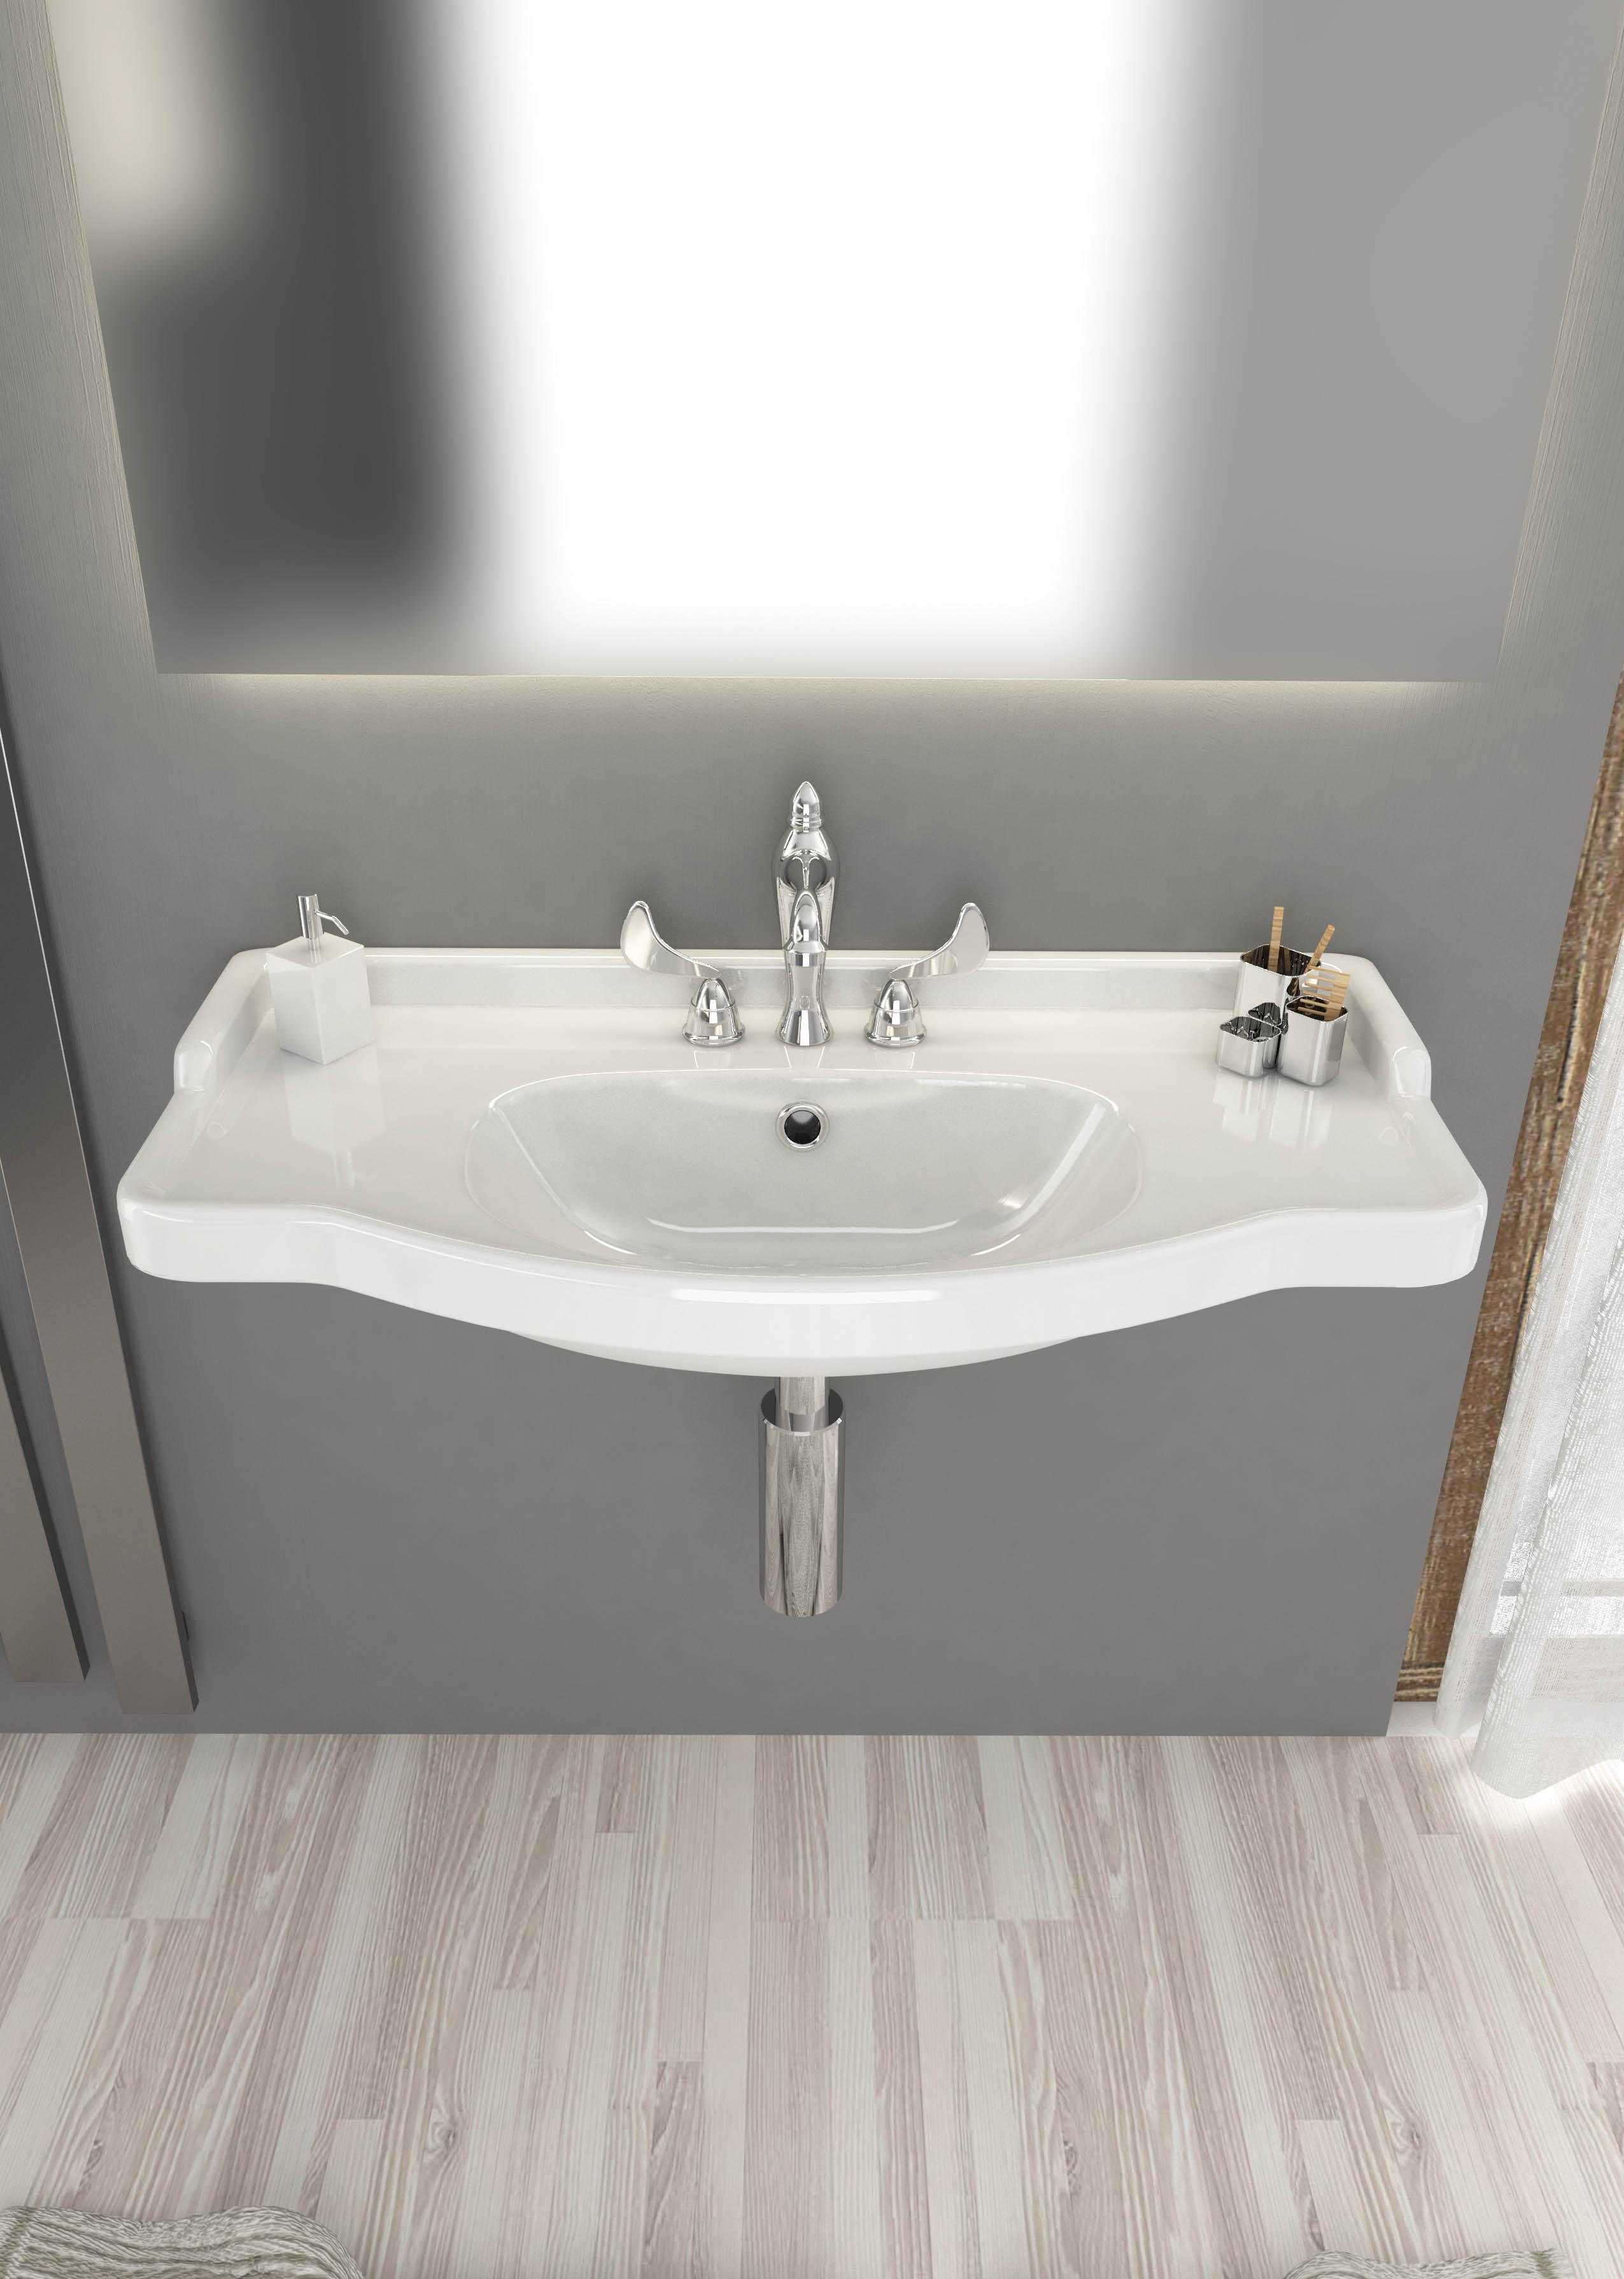 Lavabo A Consolle In Ceramica.Lavabo Consolle Sospeso Di Colore Bianco Cm 86 106 Onda